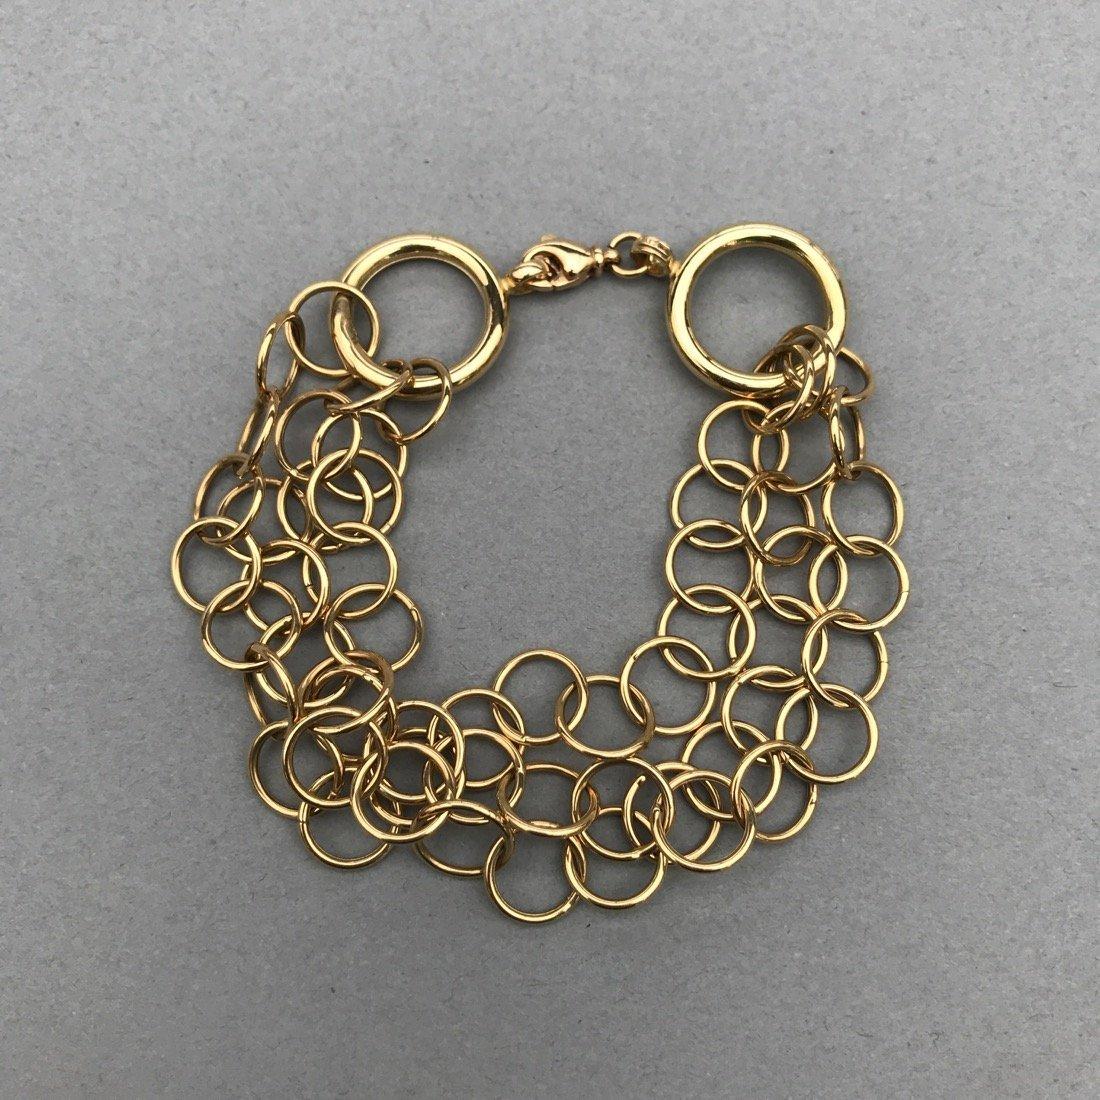 14K Gold 3 Chain Bracelet